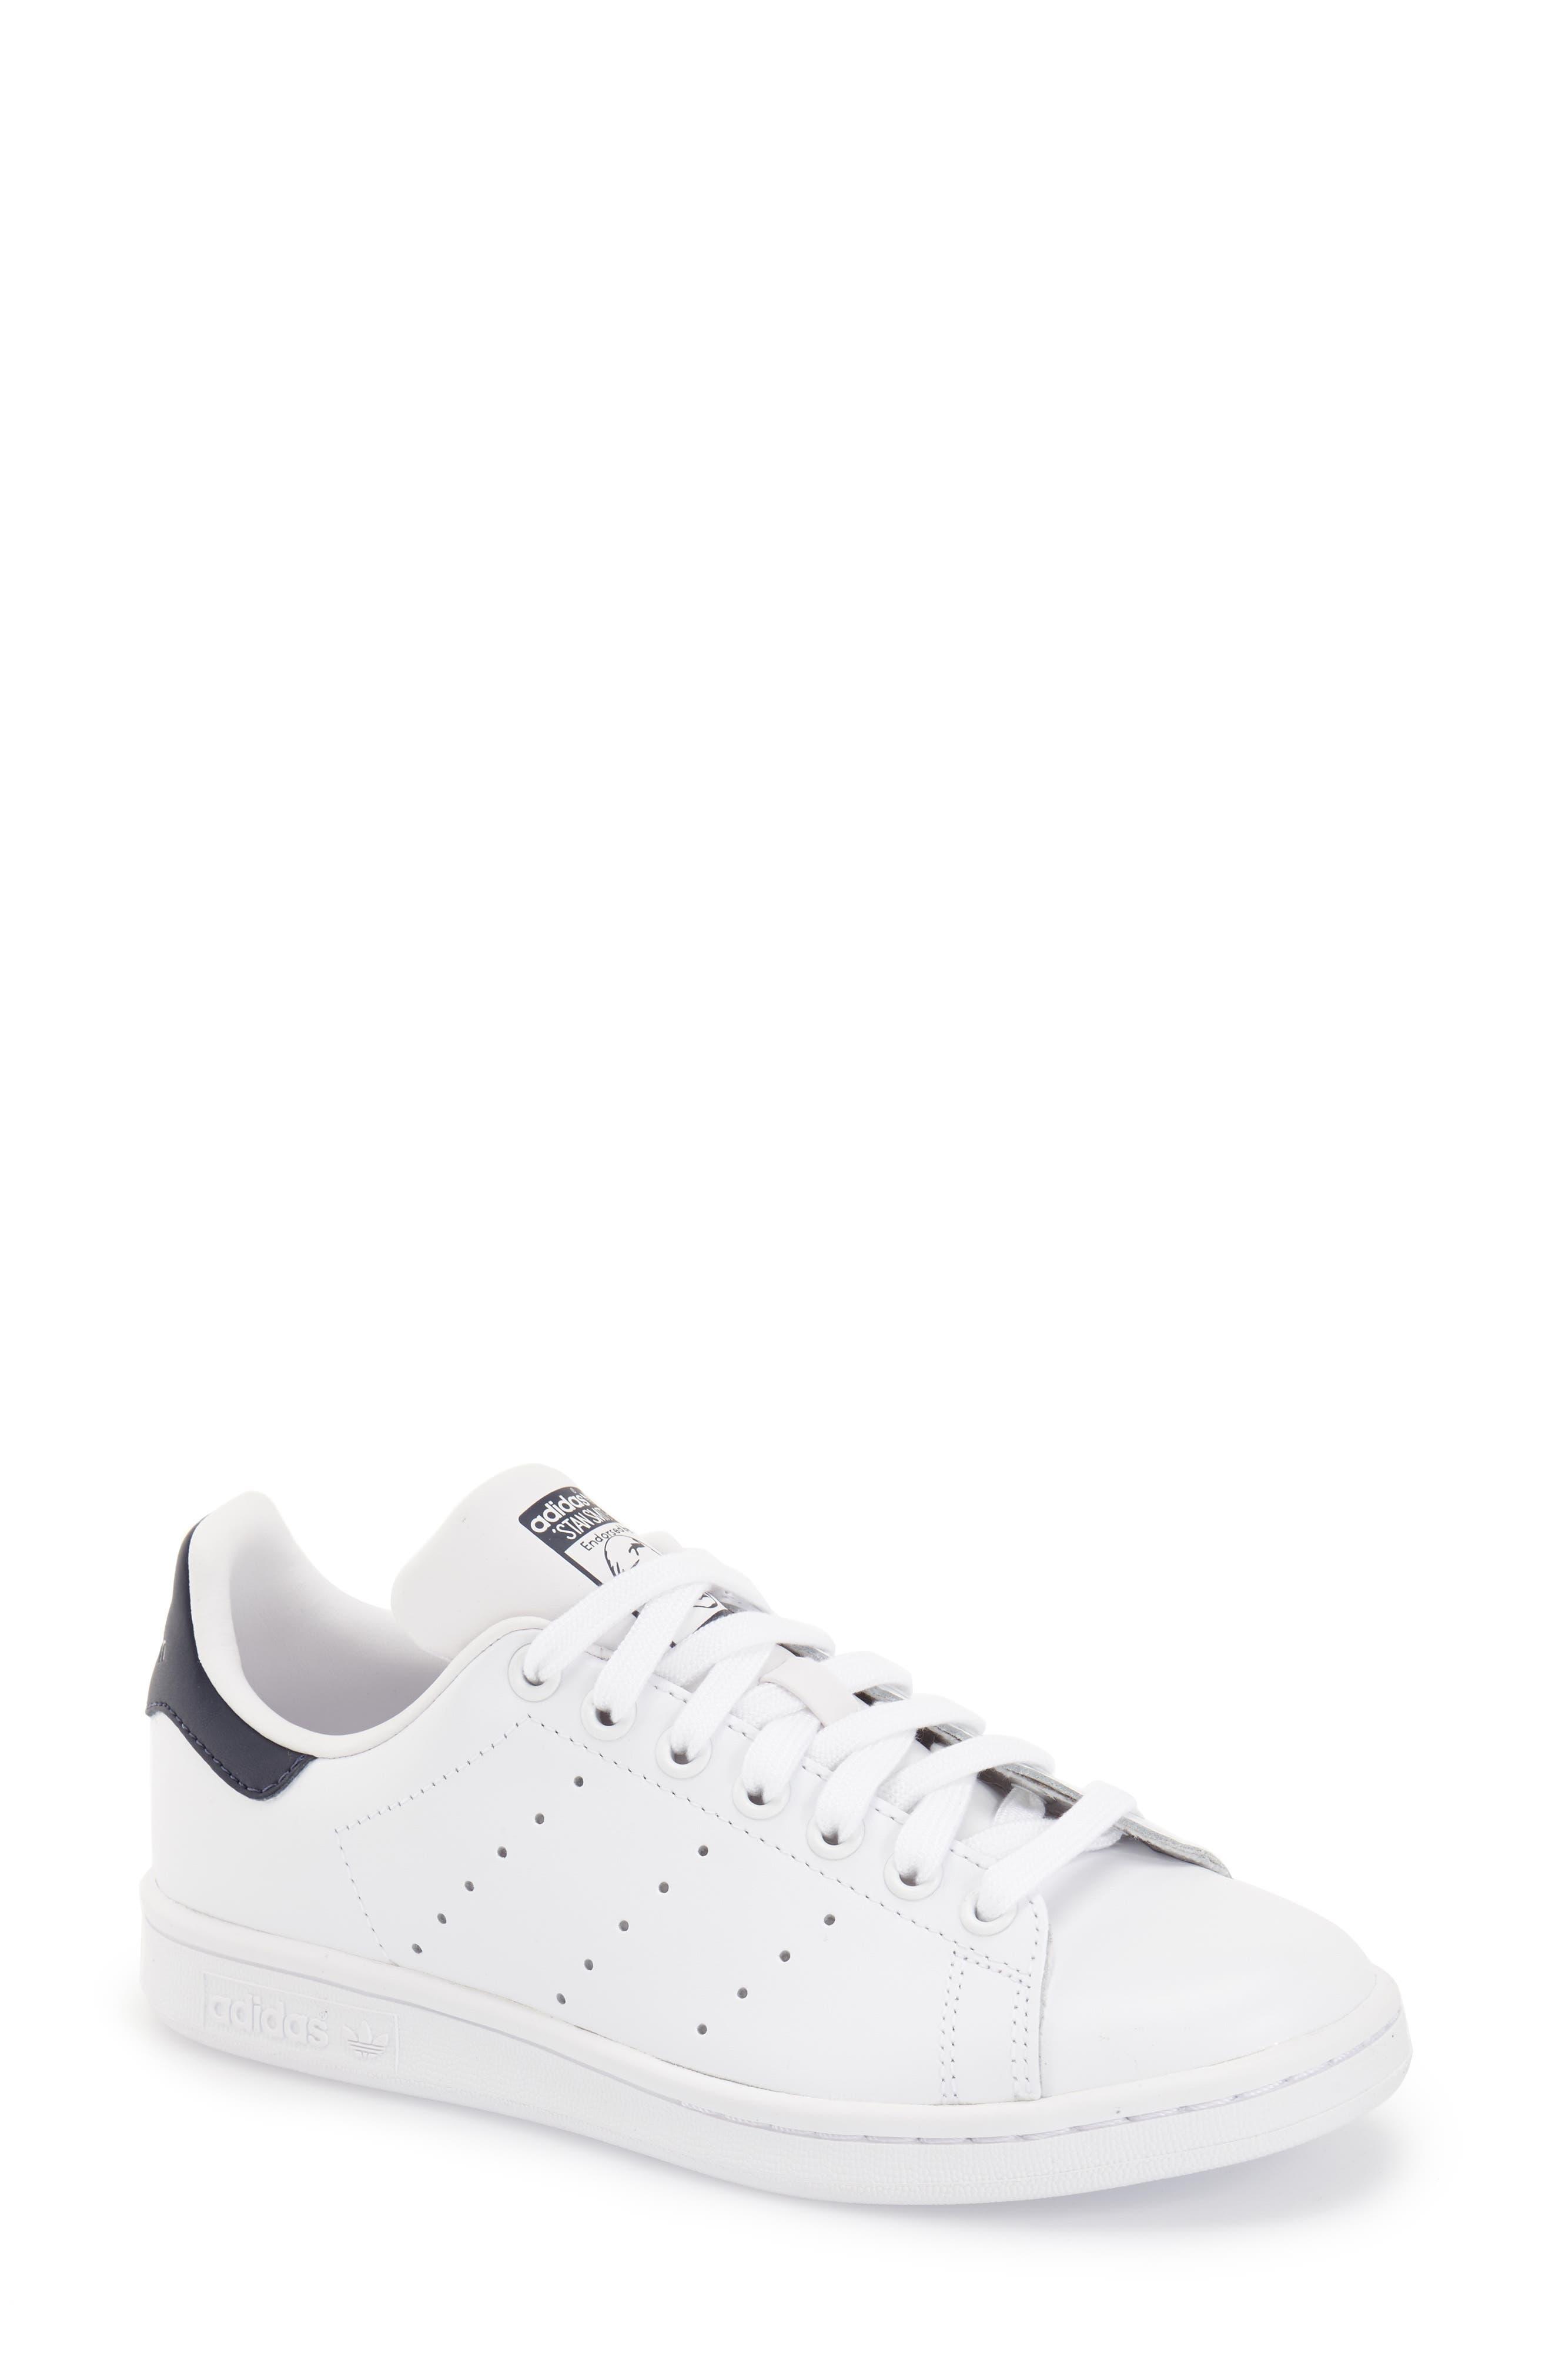 black and white adidas stan smith